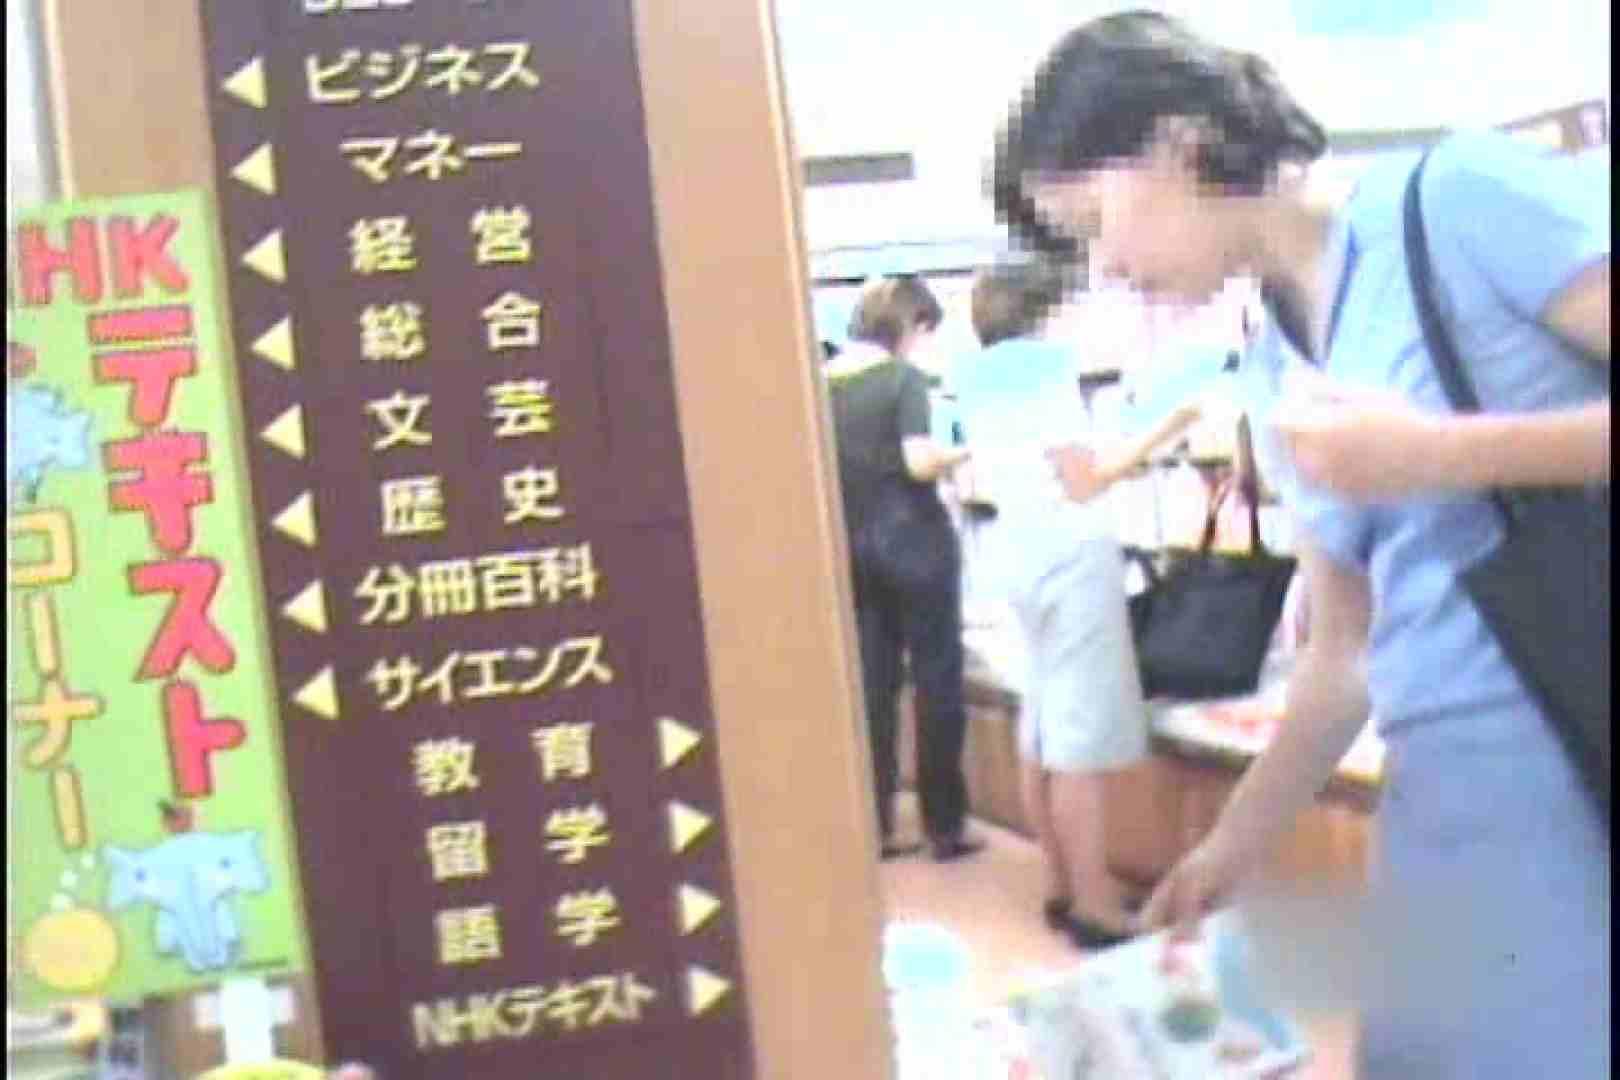 私鉄沿線美女限定パンティー丸覗き!!vol.01 覗き スケベ動画紹介 88PIX 15